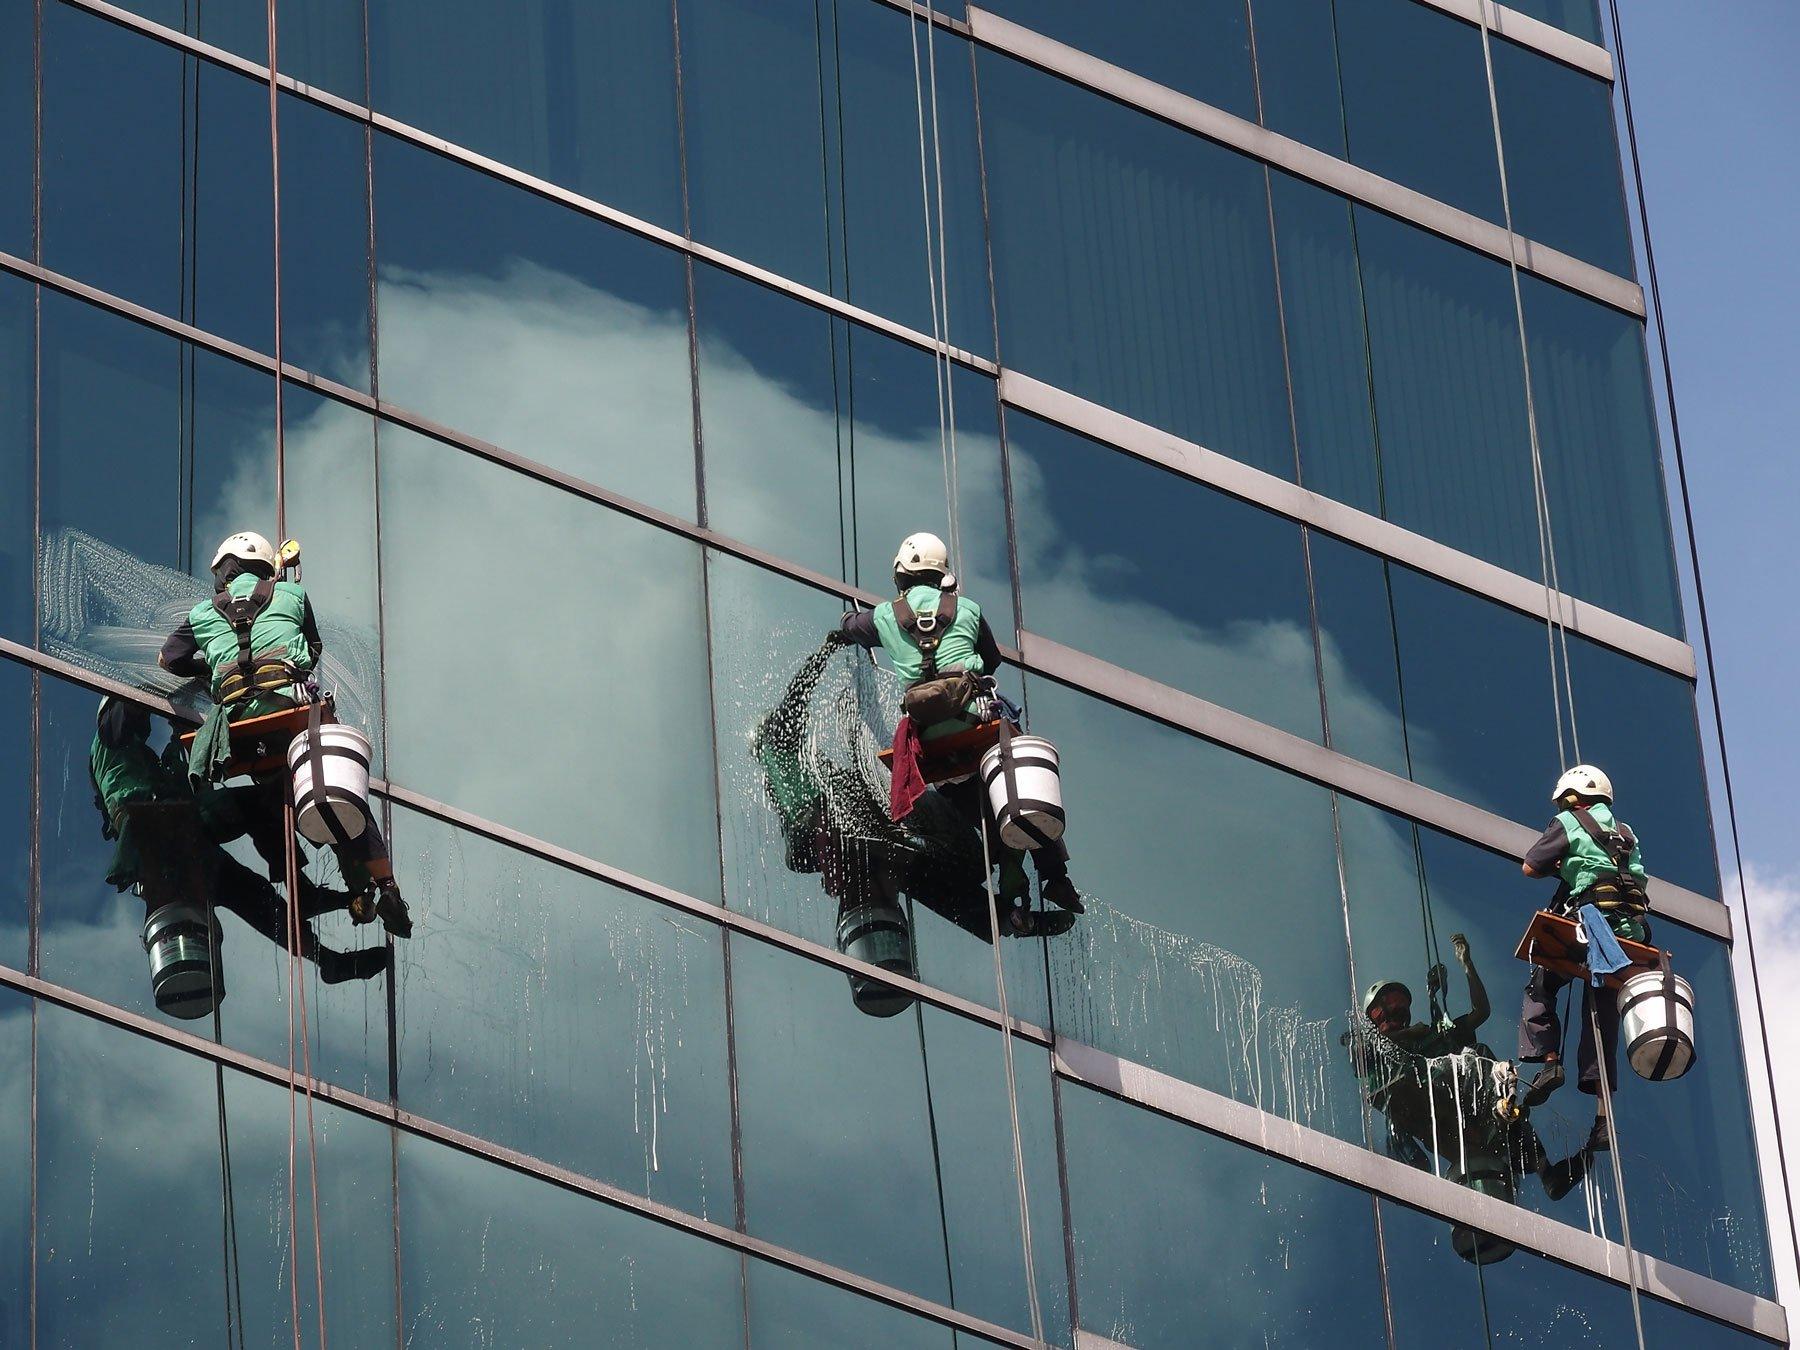 Degli operai puliscono delle finestre di un grande palazzo dall'esterno